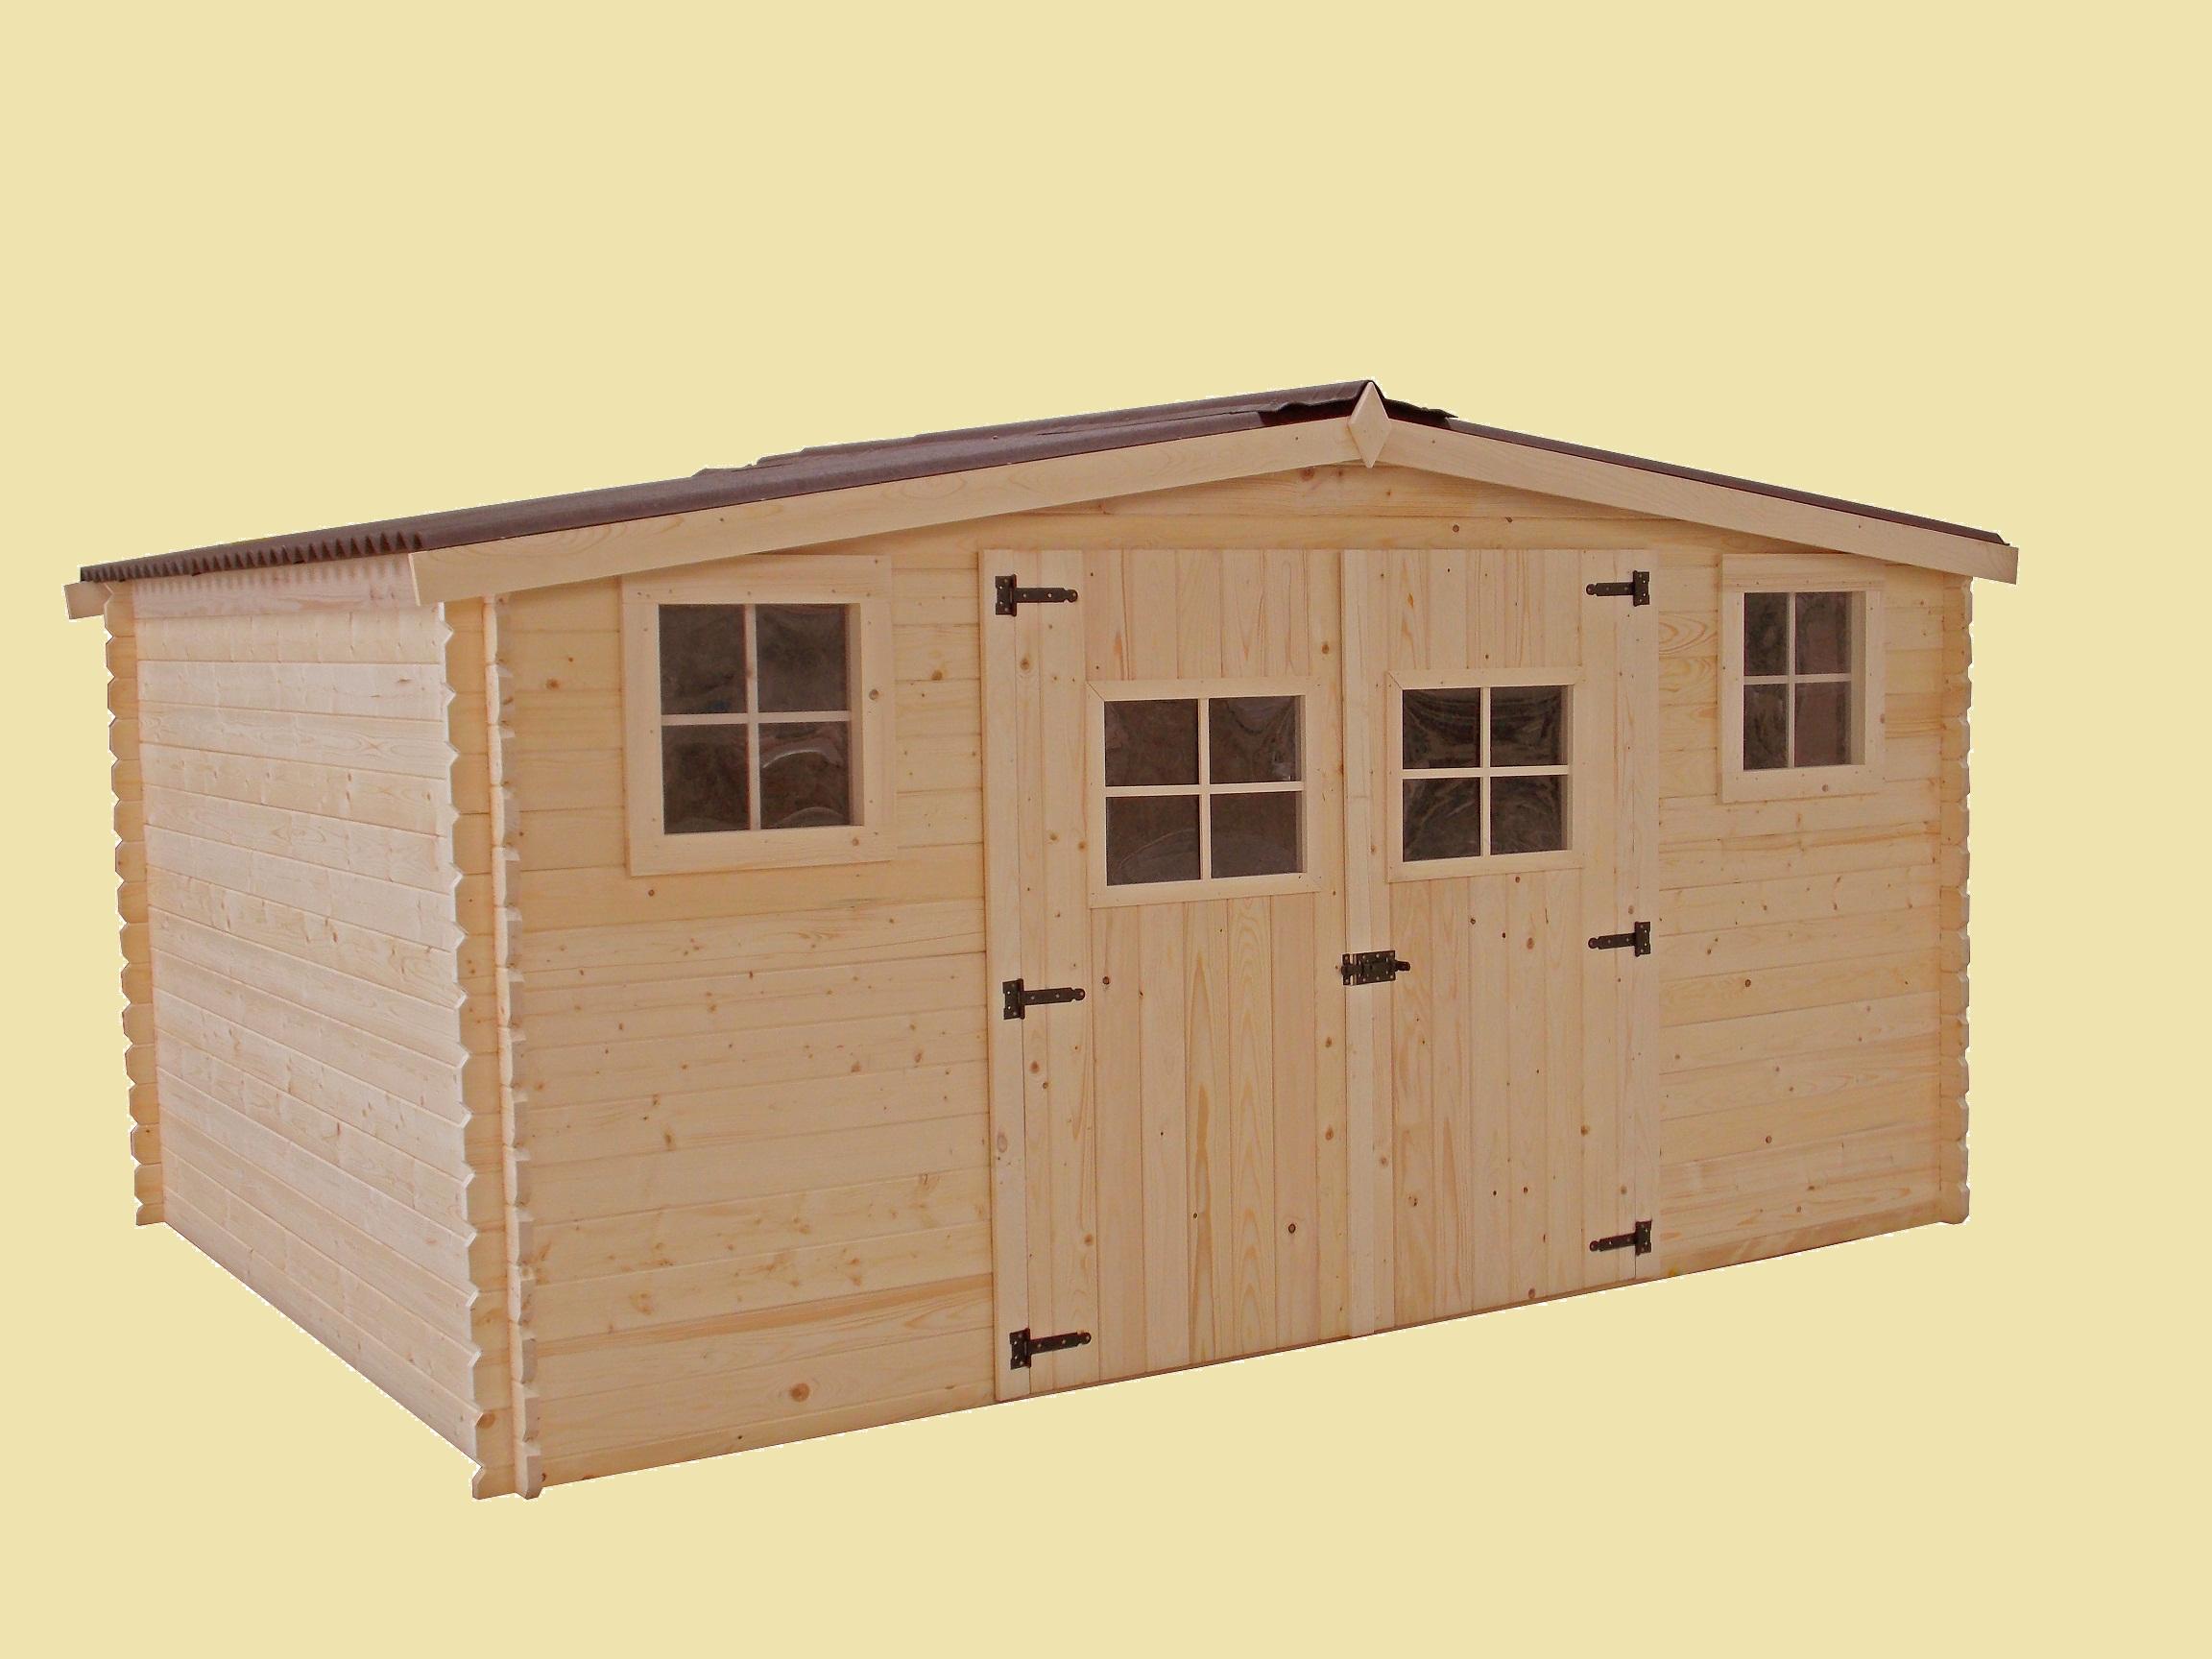 Abri de jardin en bois 10m2 pas cher Cabanes abri jardin